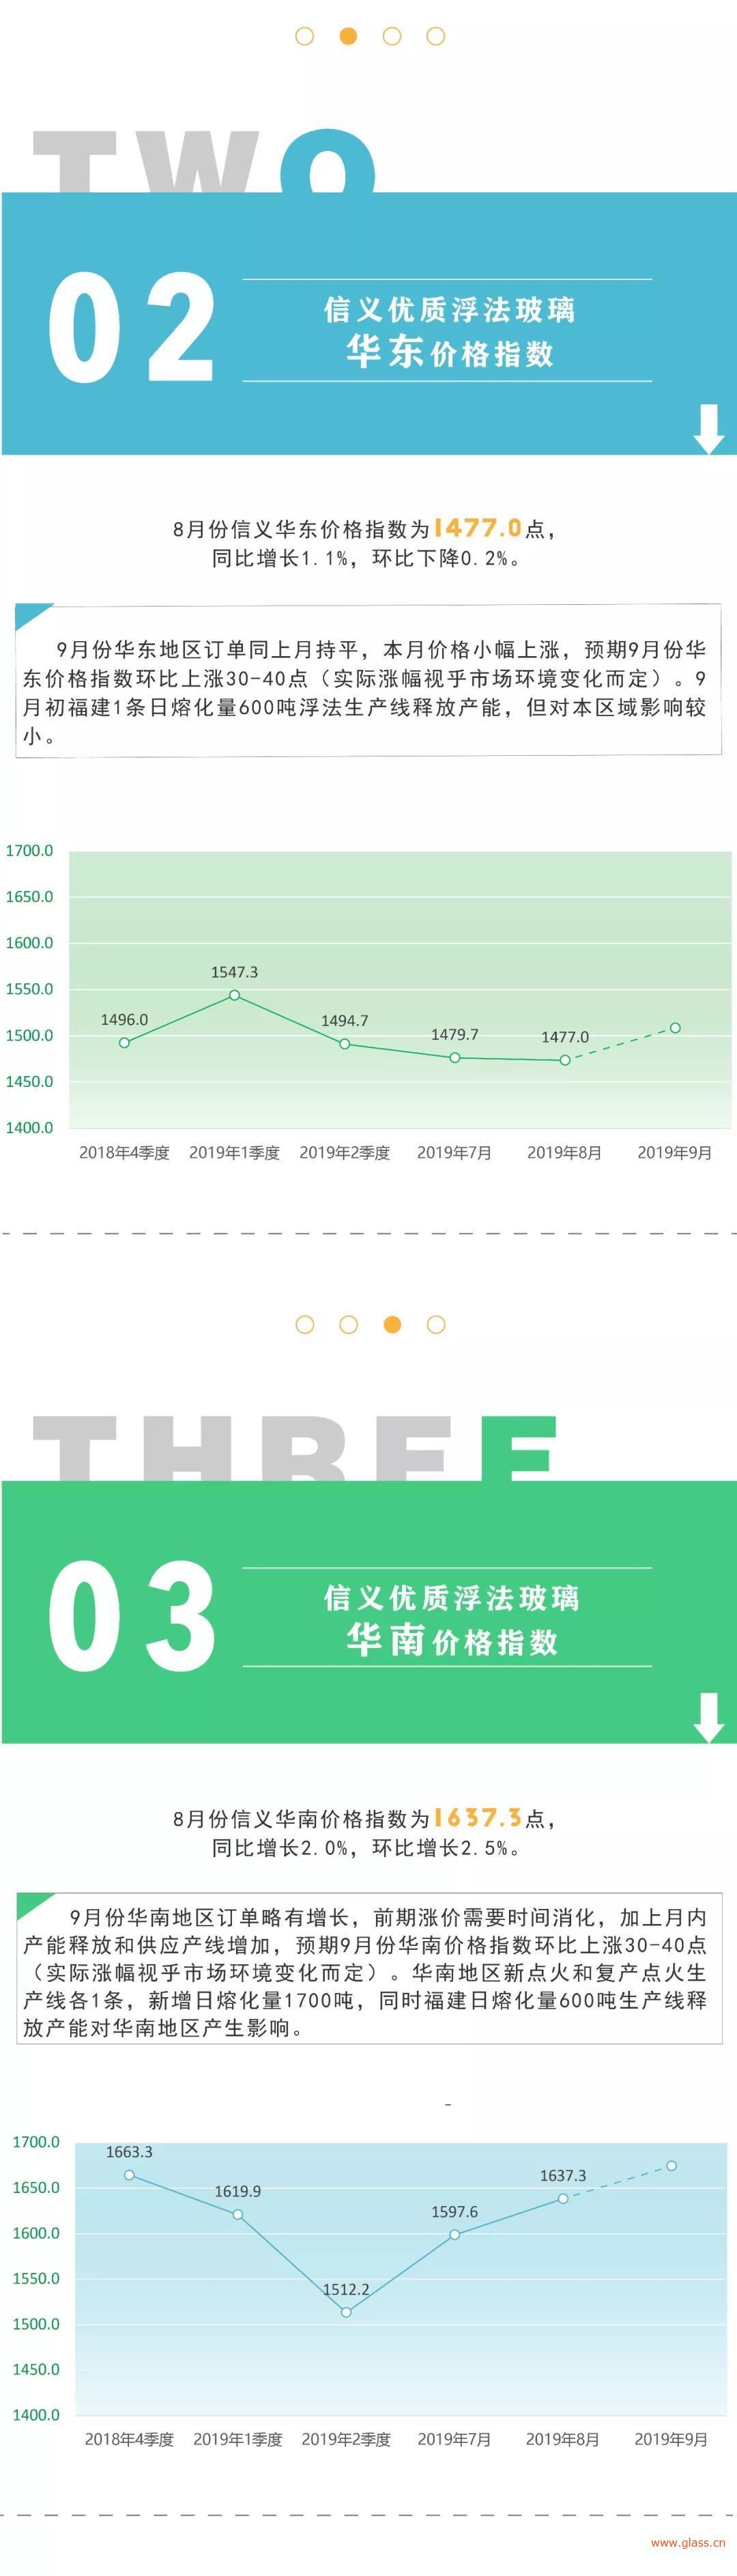 信义在线快三计划—大发彩票平台发布9月优质浮法在线快三计划—大发彩票平台价格指数